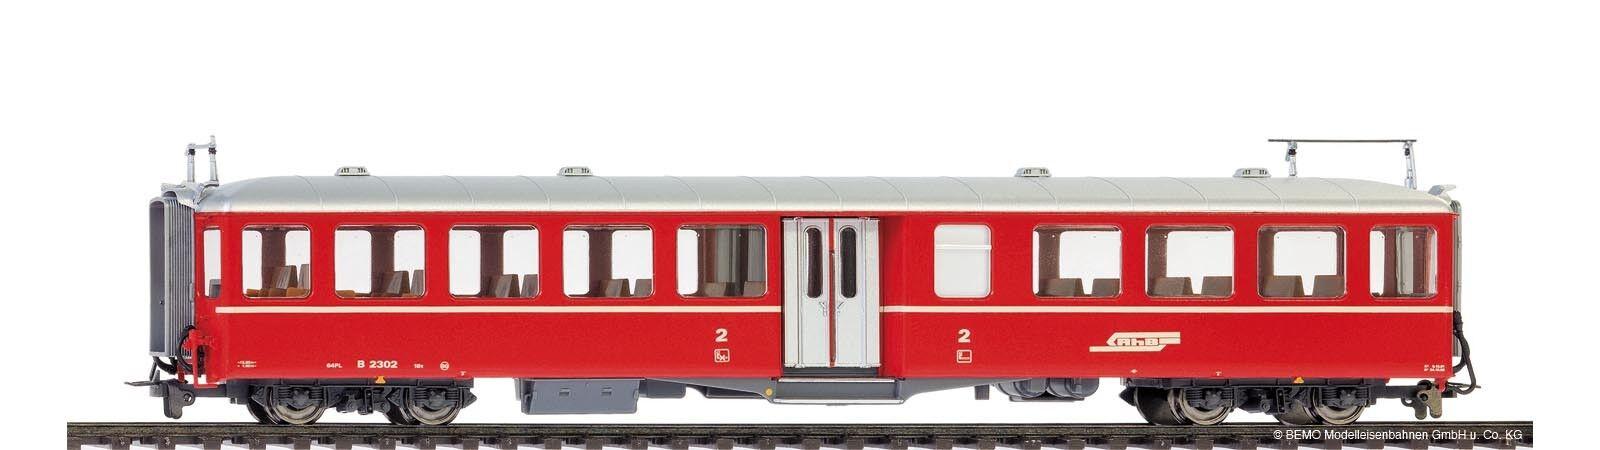 BEMO h0m 3245 114 RHB B 2304 stanziamenti entry-level carro merce nuova tutto esaurito UVP 73. -